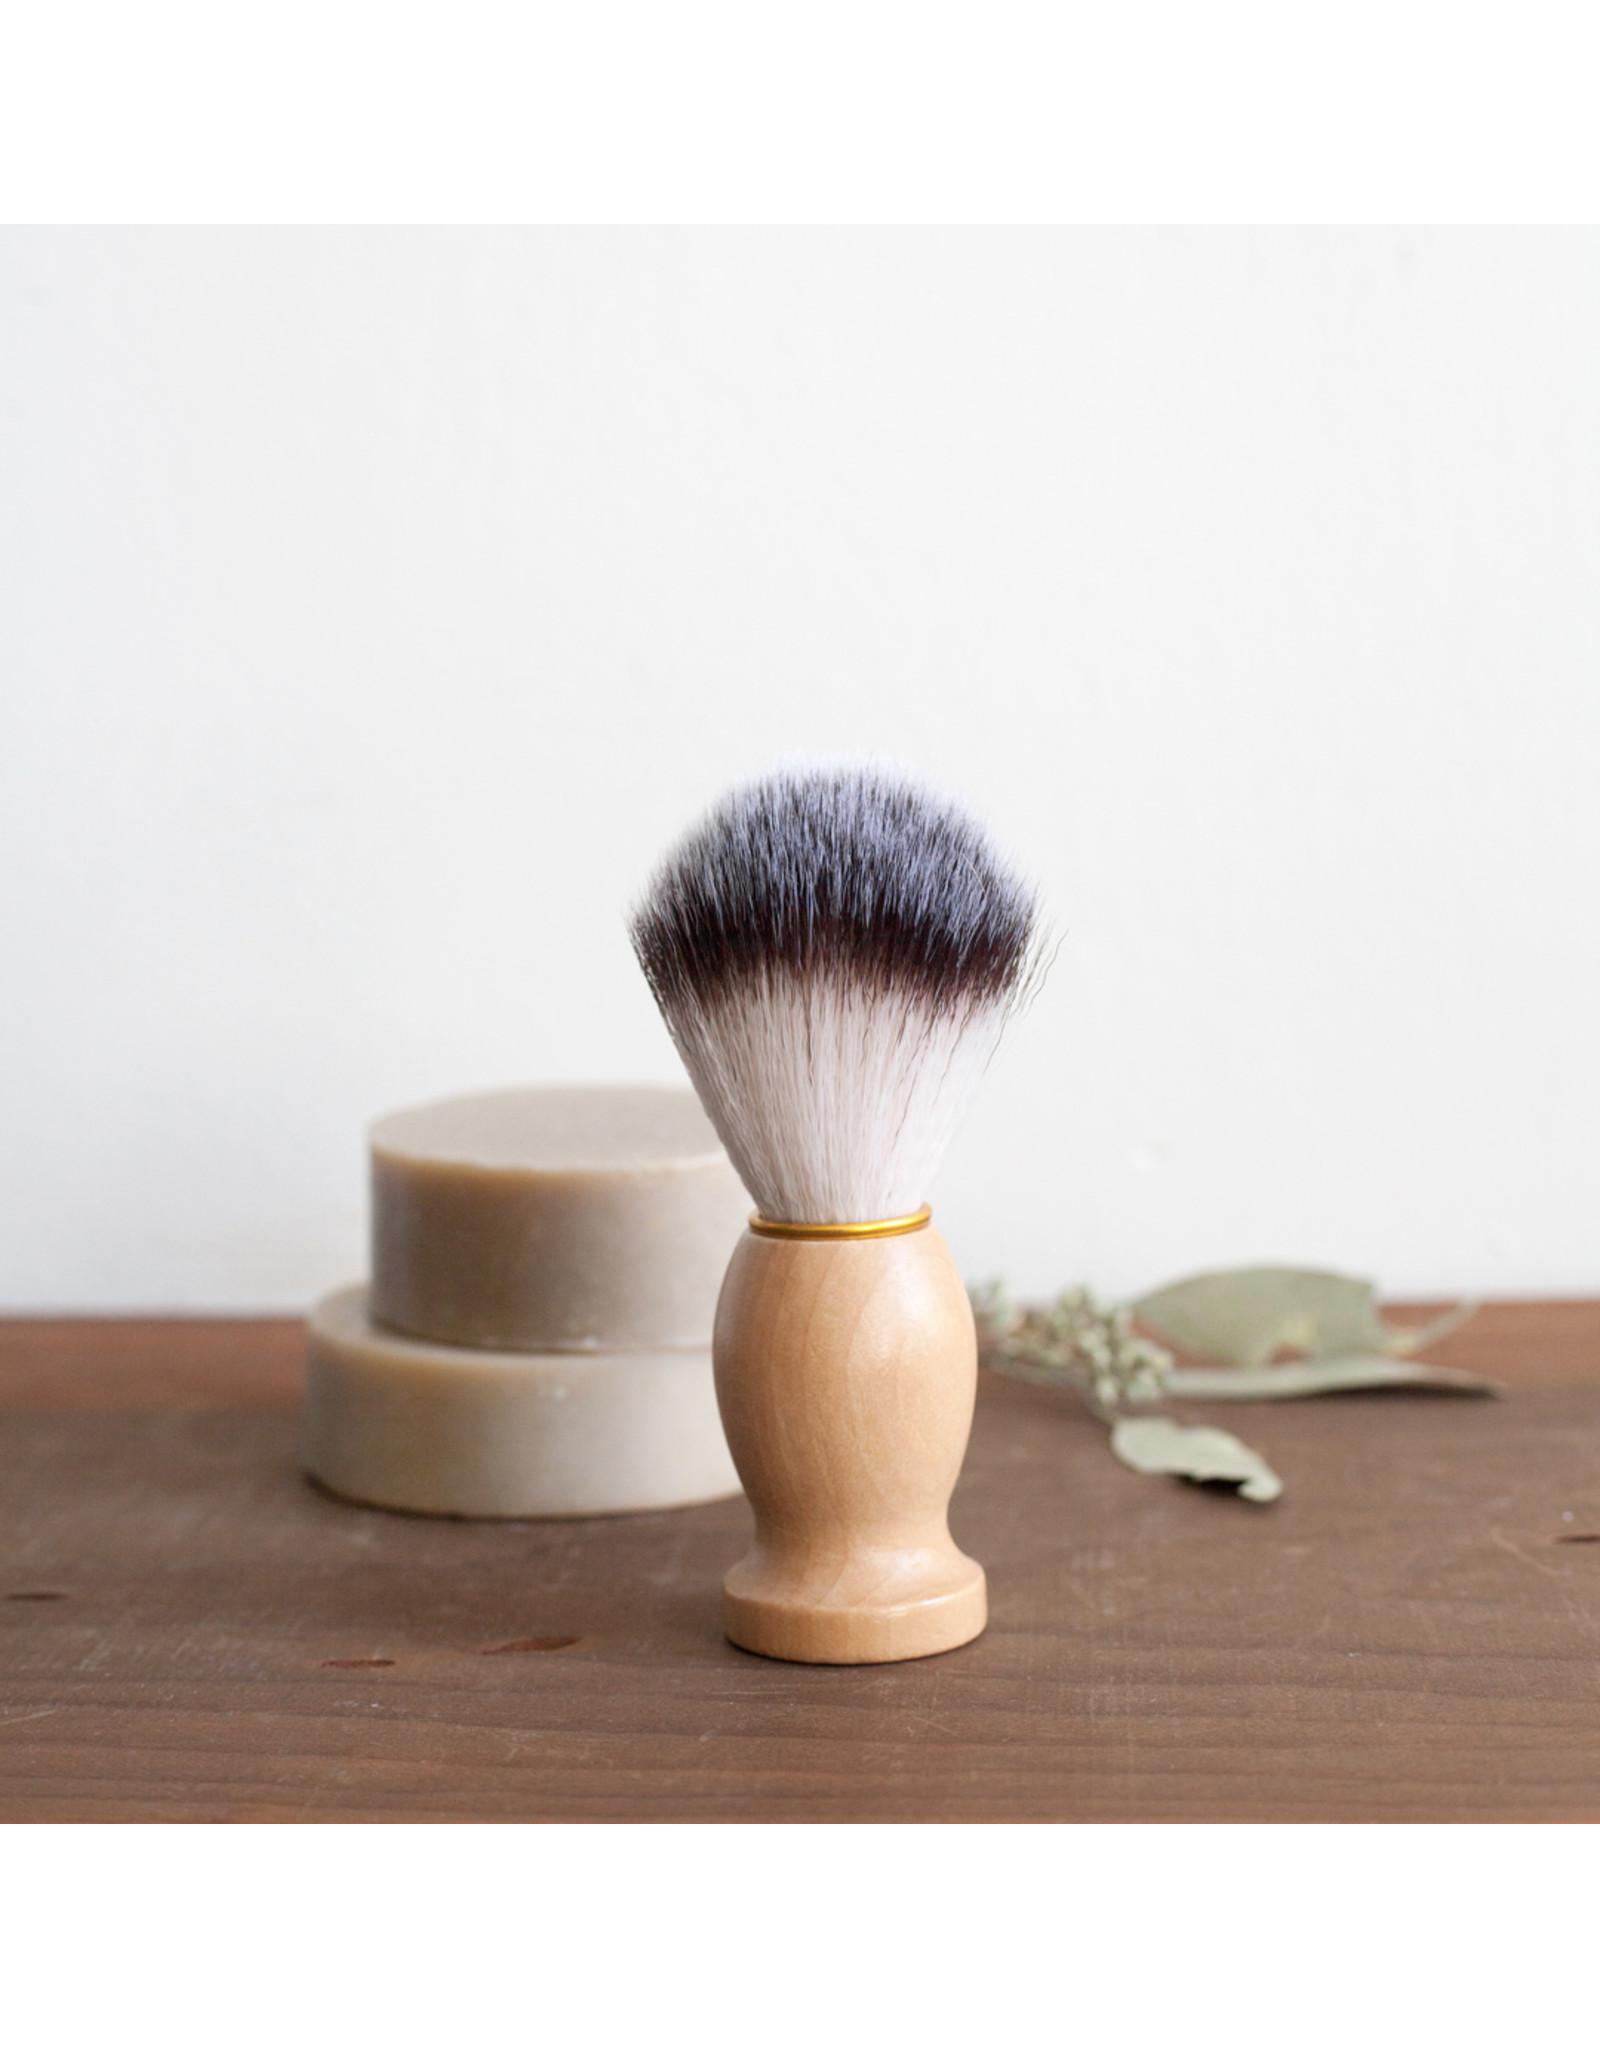 Wood Handled Shave Brush